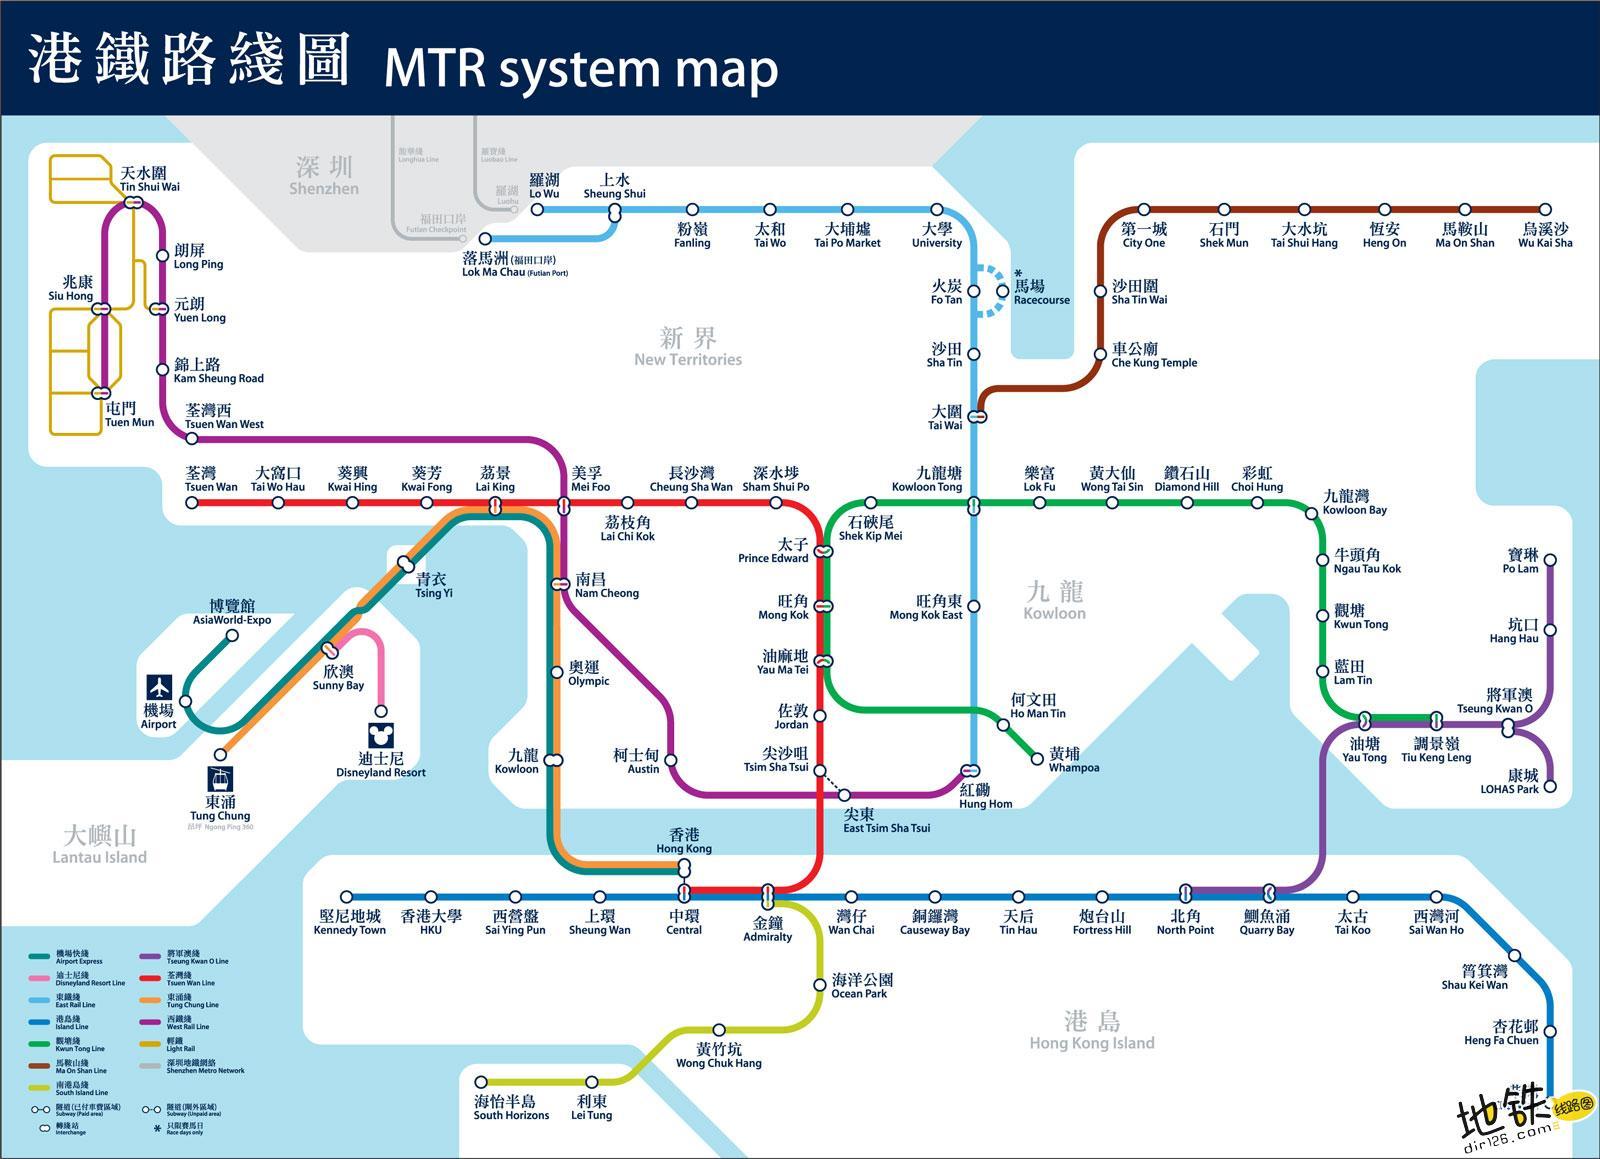 香港地铁线路图 运营时间票价站点 查询下载 香港地铁查询 香港地铁线路图 港铁线路图 香港地铁票价 香港地铁运营时间 香港地铁 港铁 香港地铁线路图  第2张